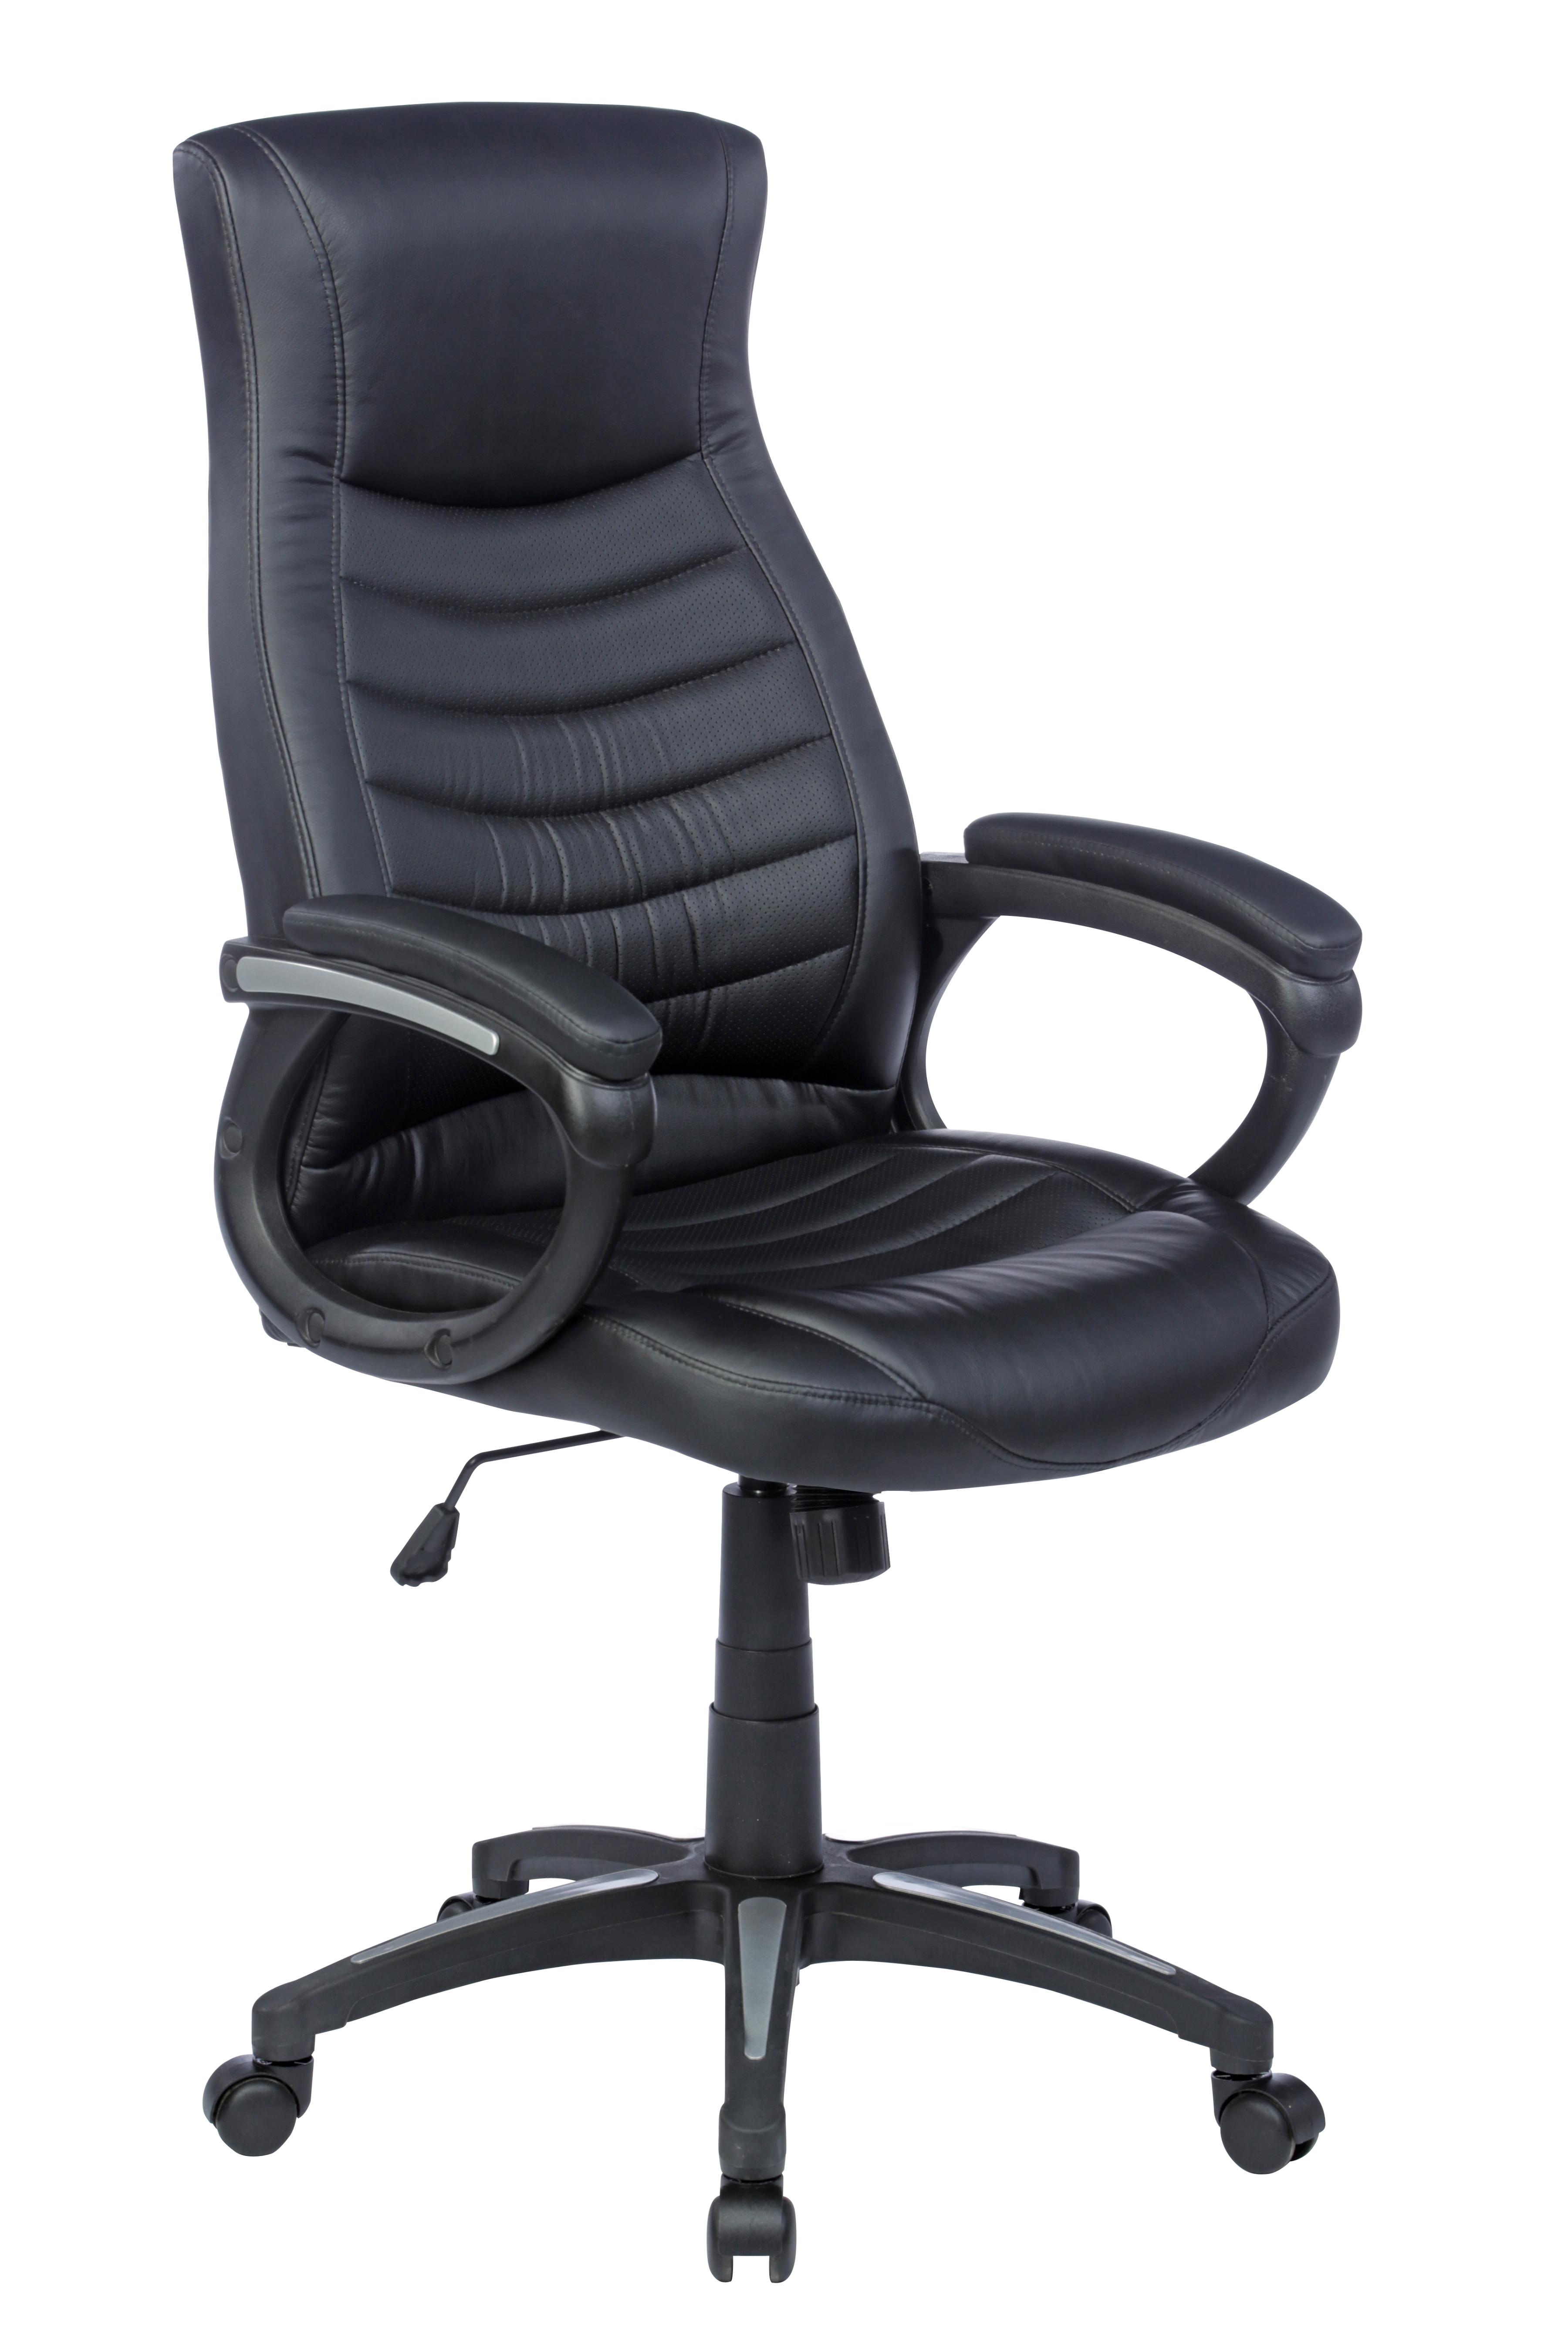 Kancelárske kreslo - Halmar - MERLIN